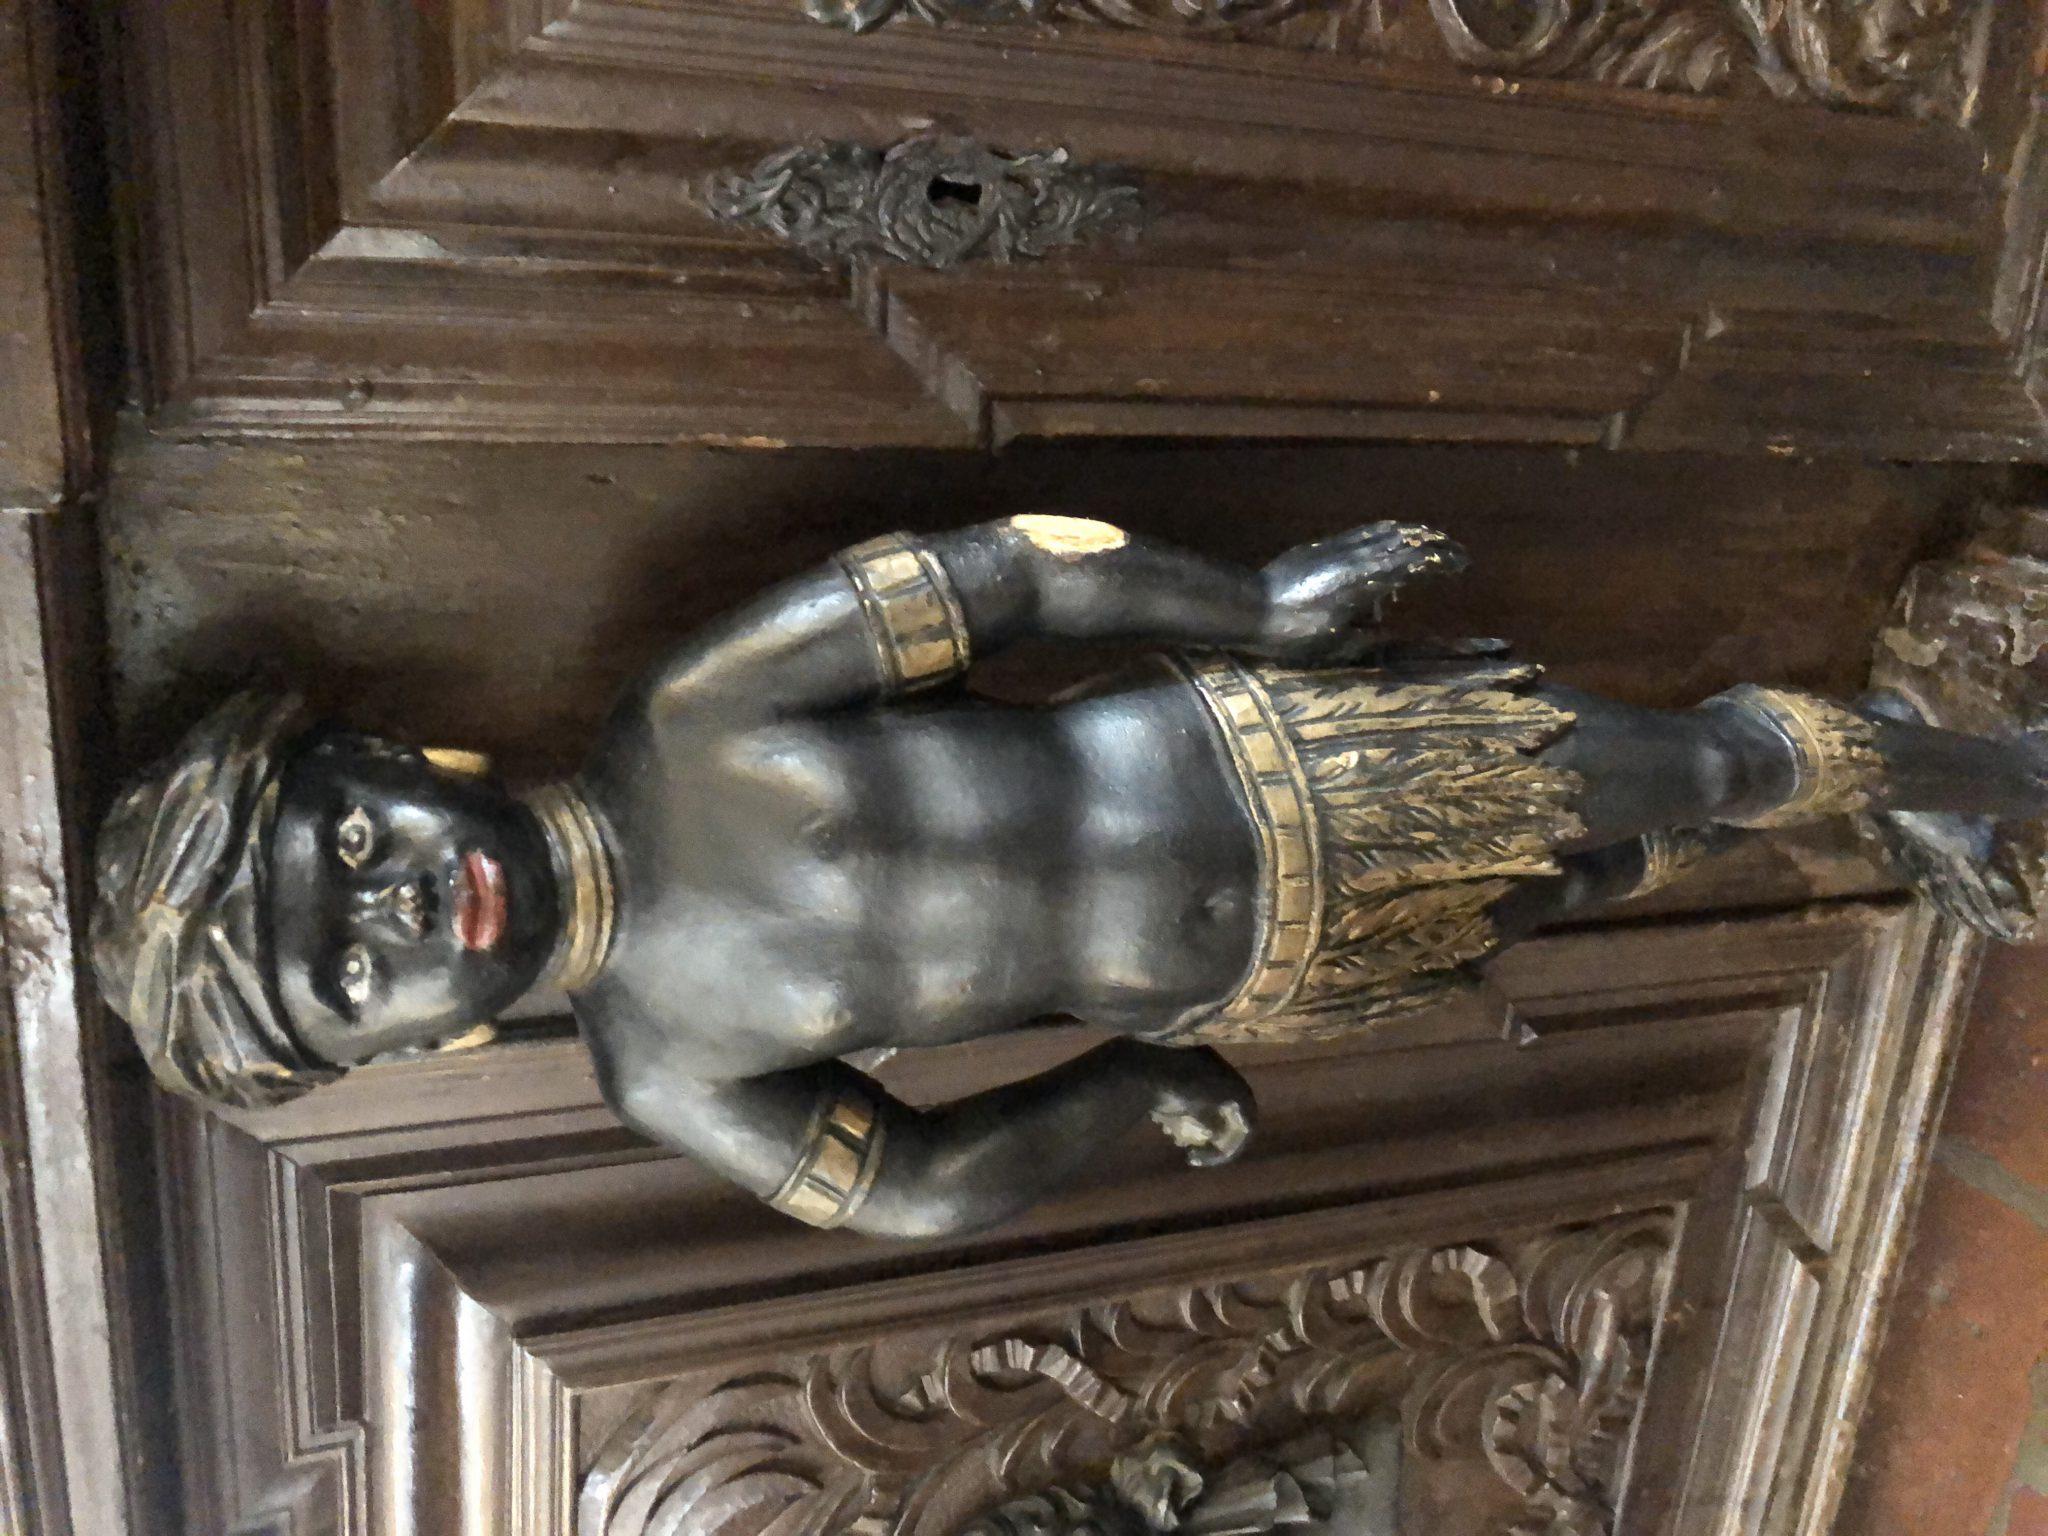 Figur einer Kindes, mit goldenem Röckchen und Hals und Armbänder